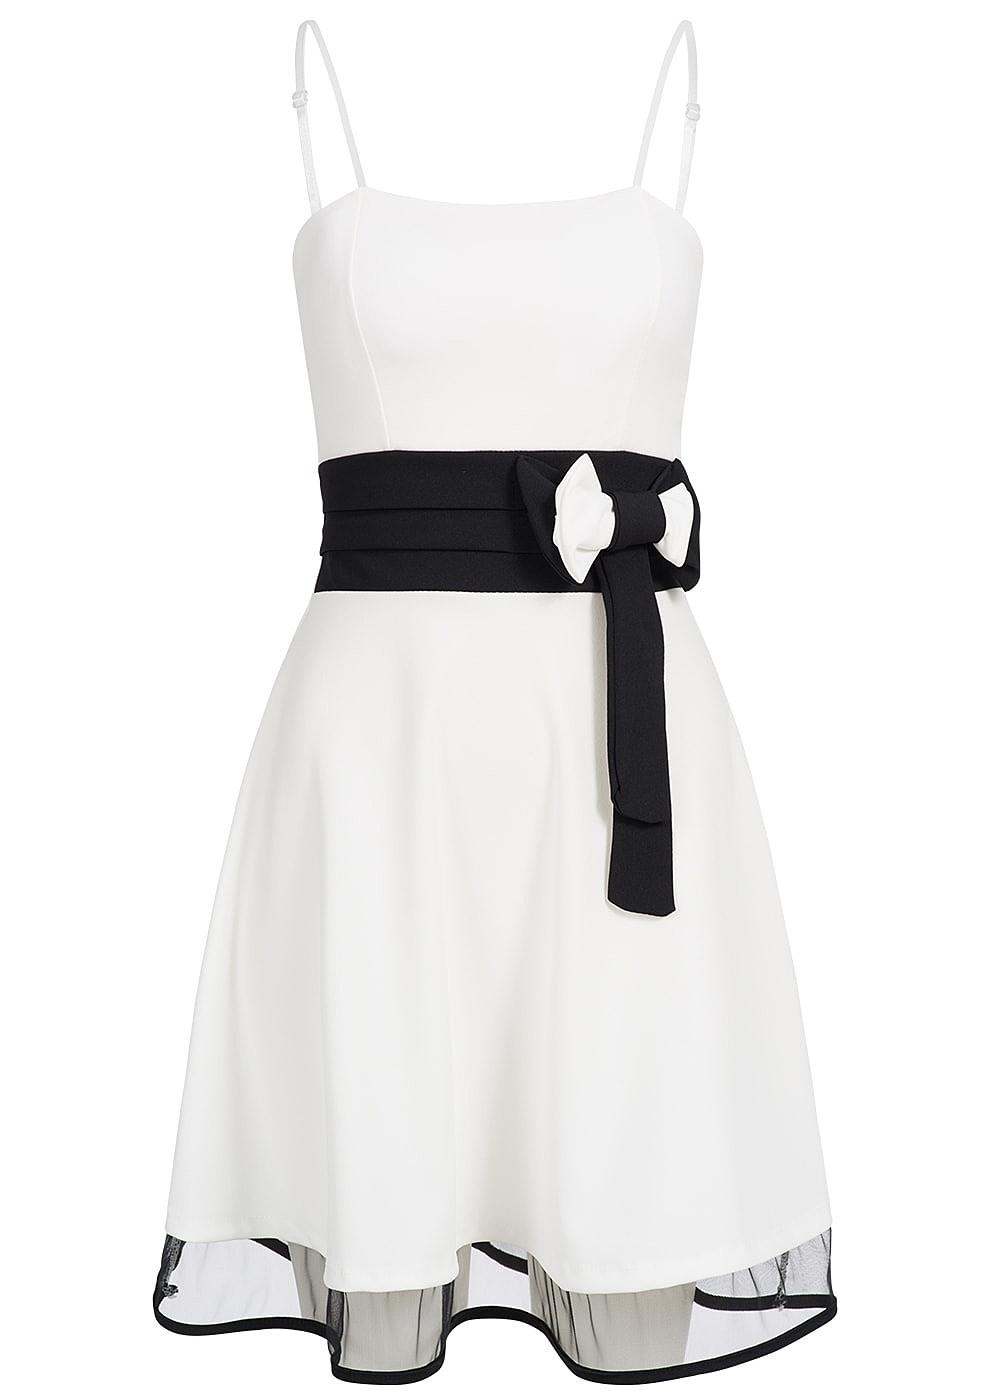 10 Wunderbar Kleider Weiß Schwarz Stylish13 Einzigartig Kleider Weiß Schwarz Spezialgebiet